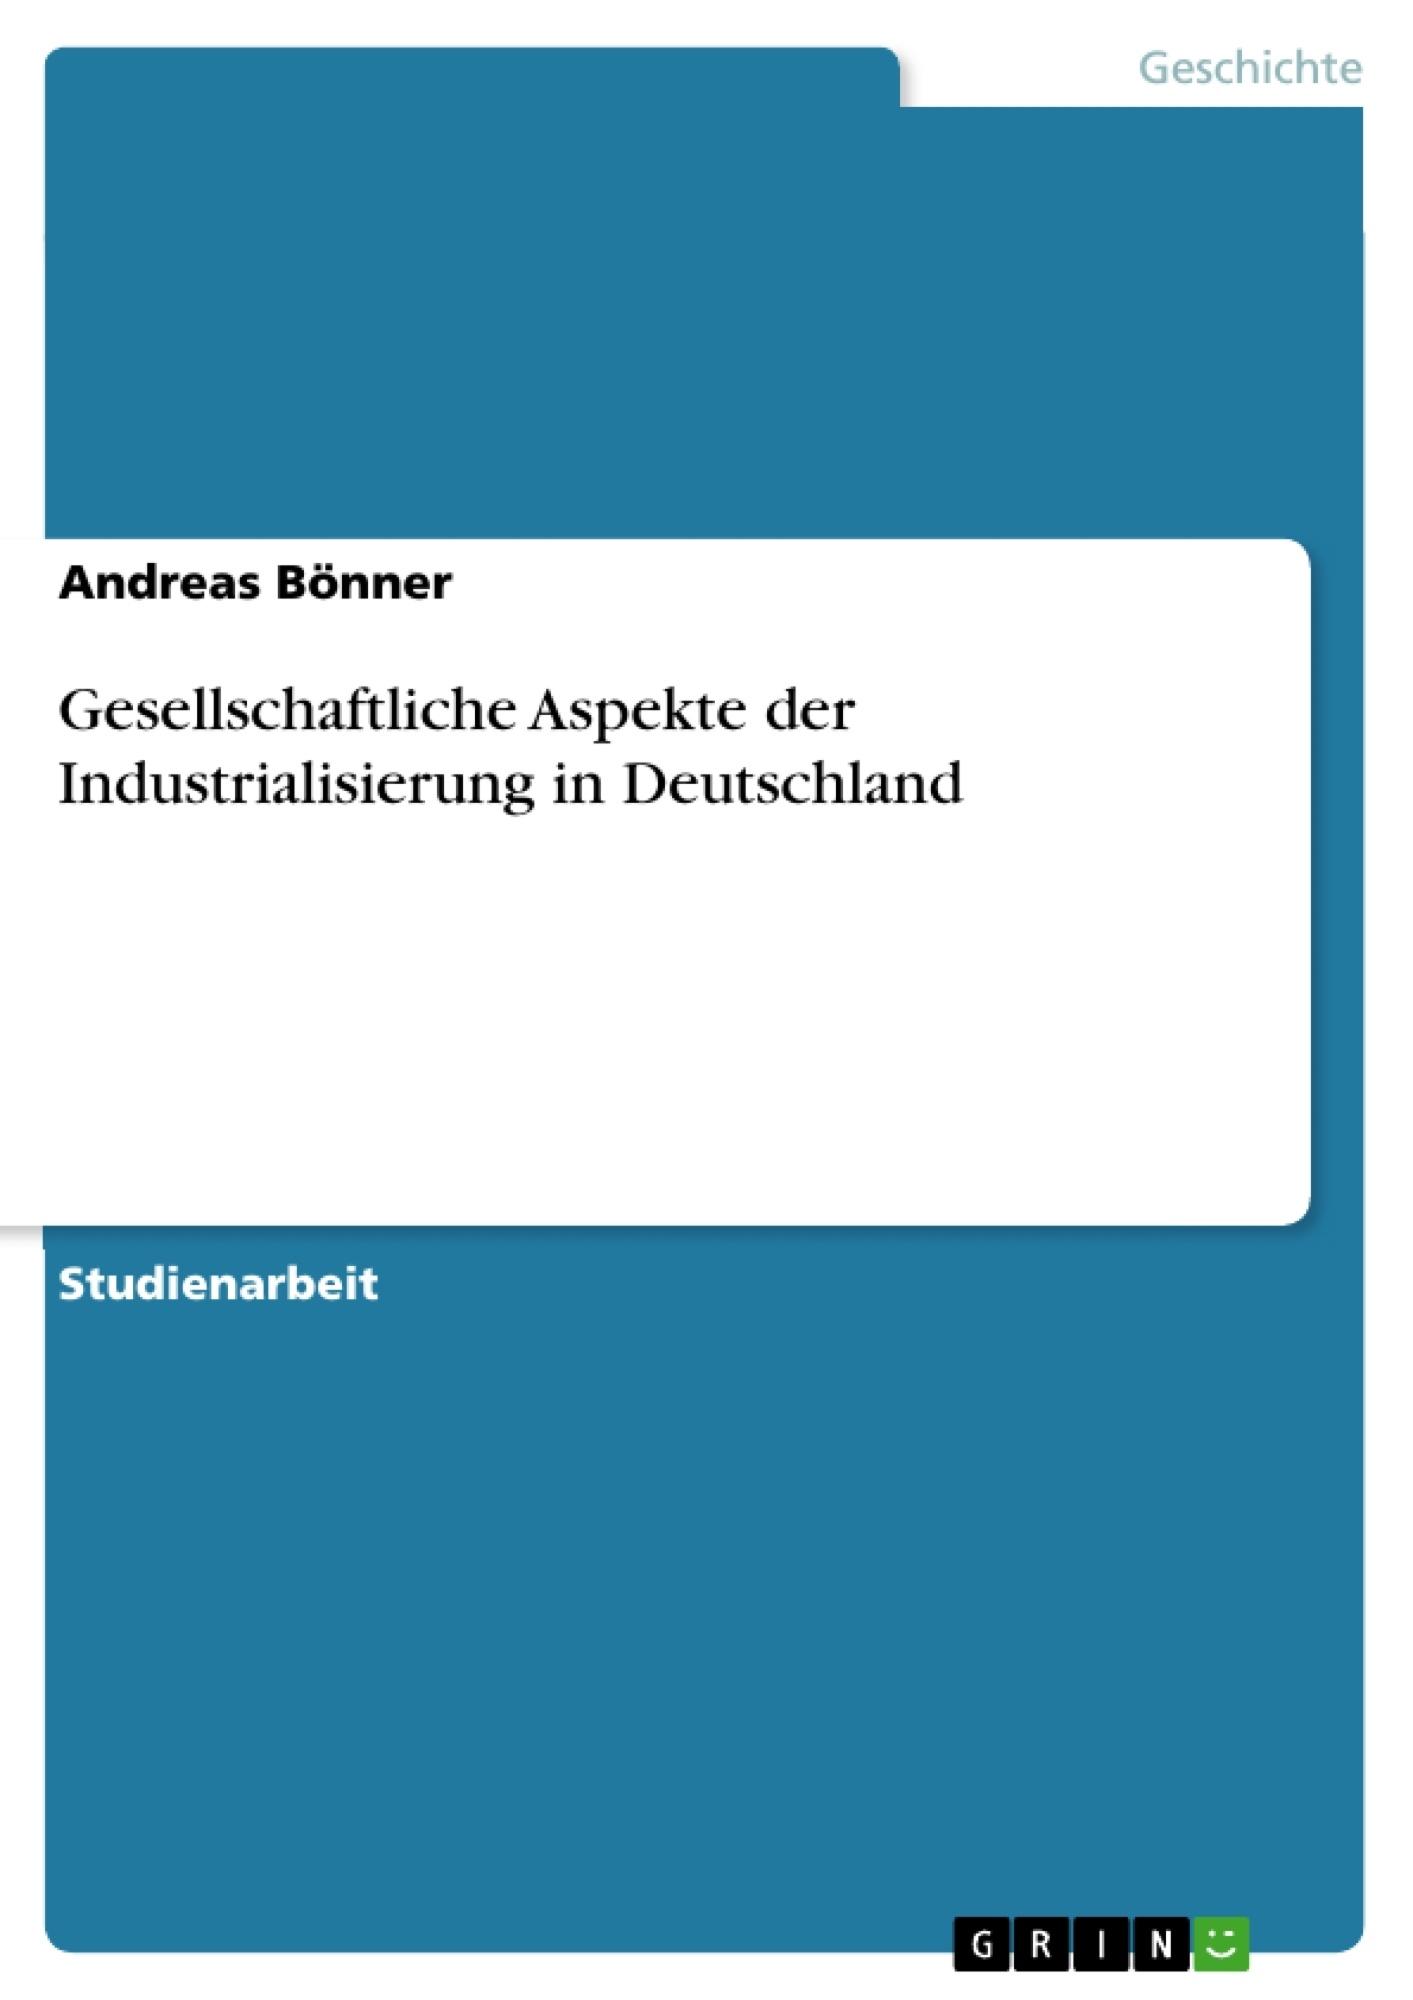 Titel: Gesellschaftliche Aspekte der Industrialisierung in Deutschland